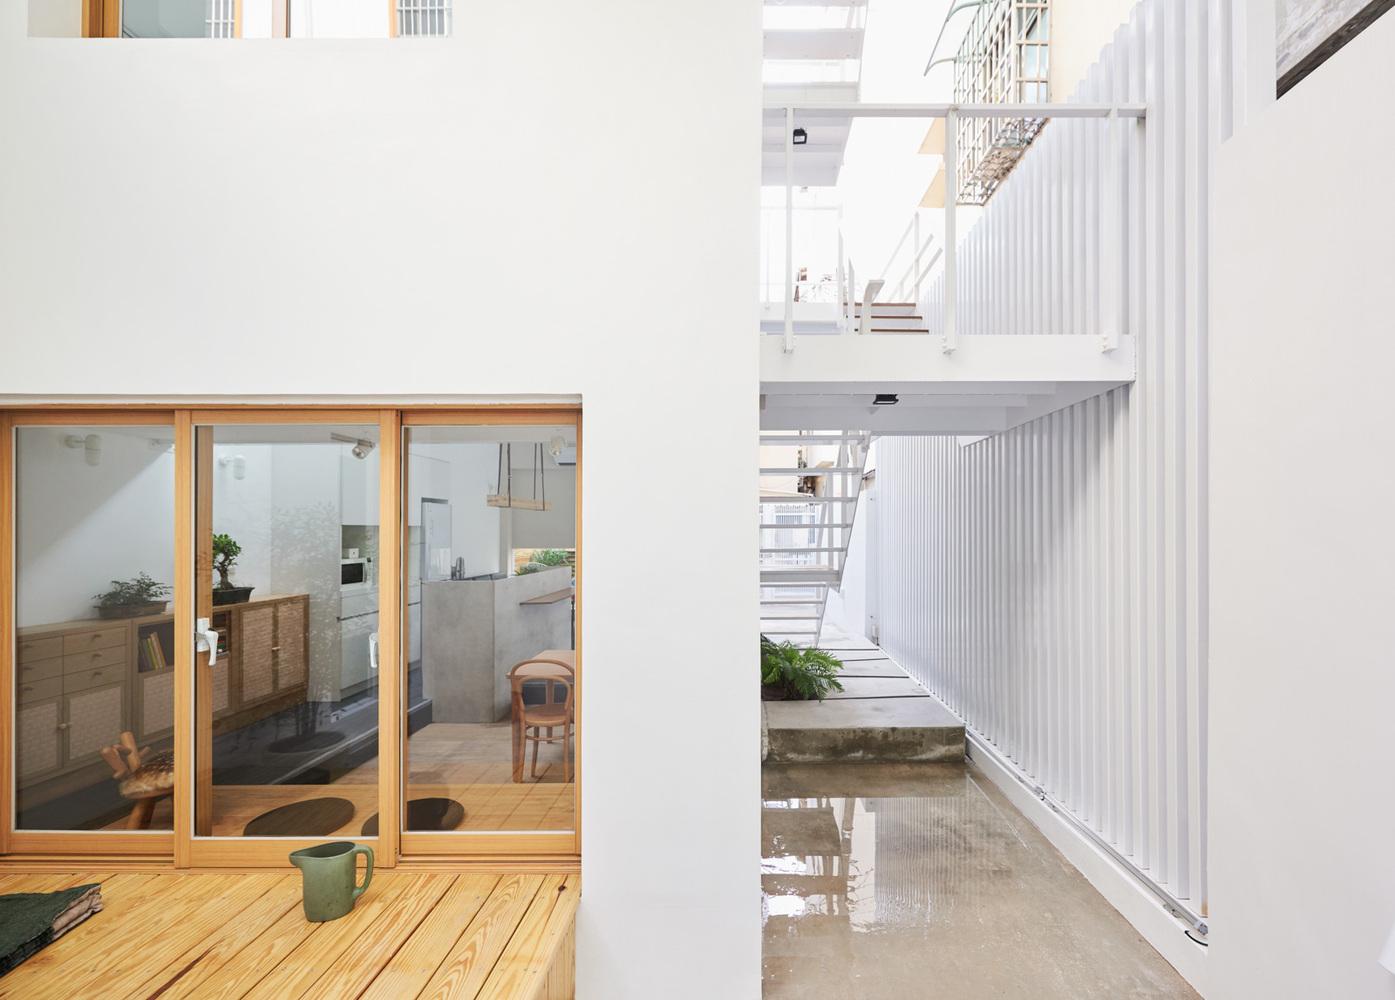 Casa de dois andares de fachada branca com escadas exteriores